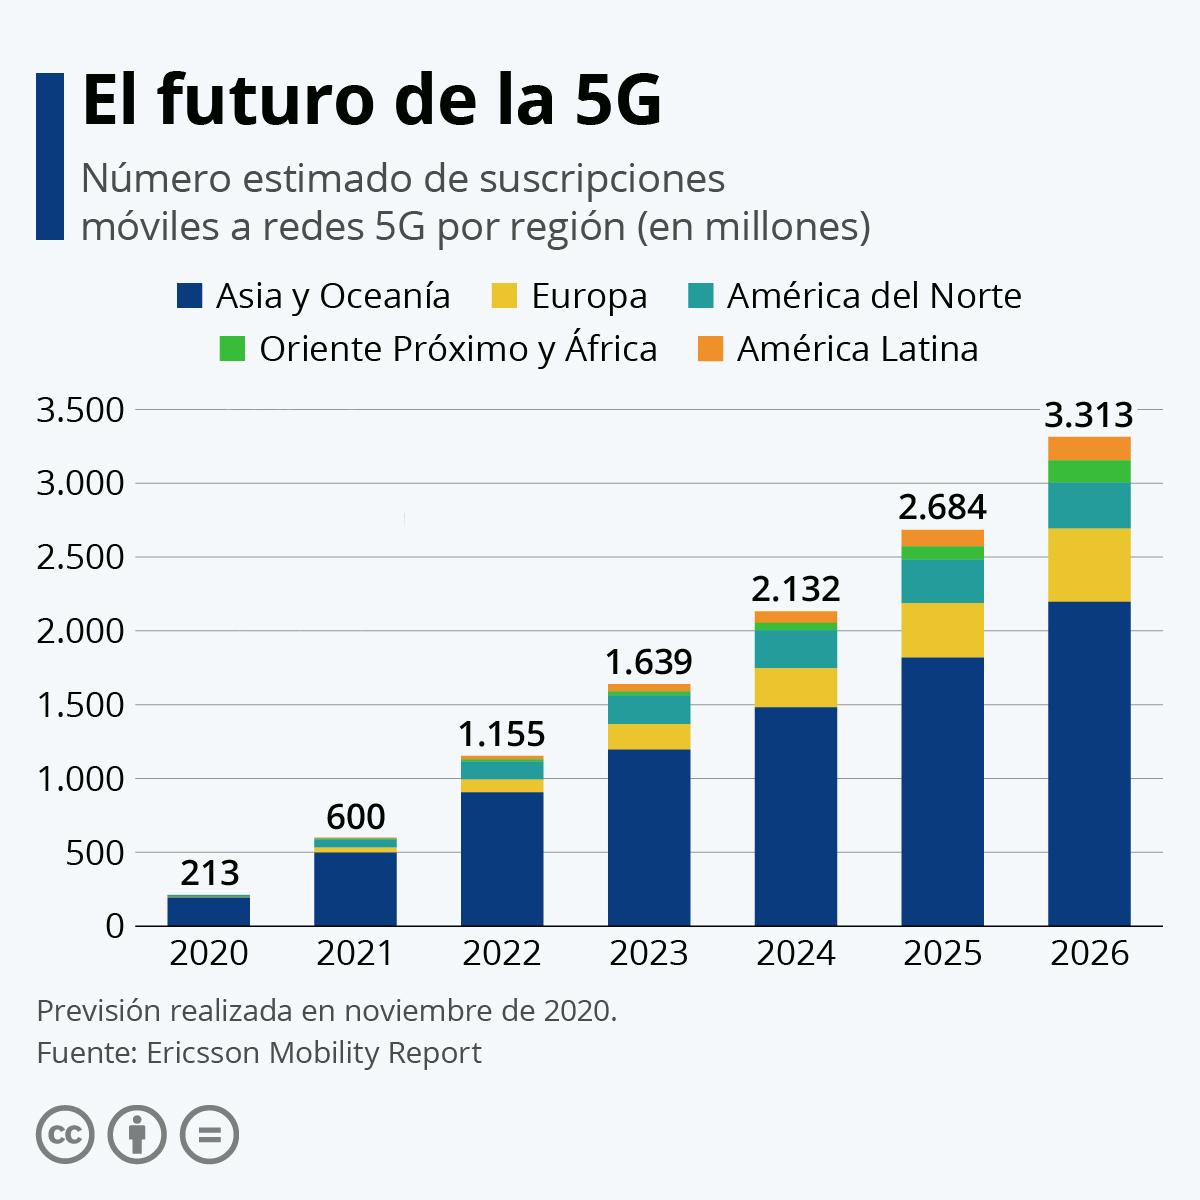 Implantación 5G por continente